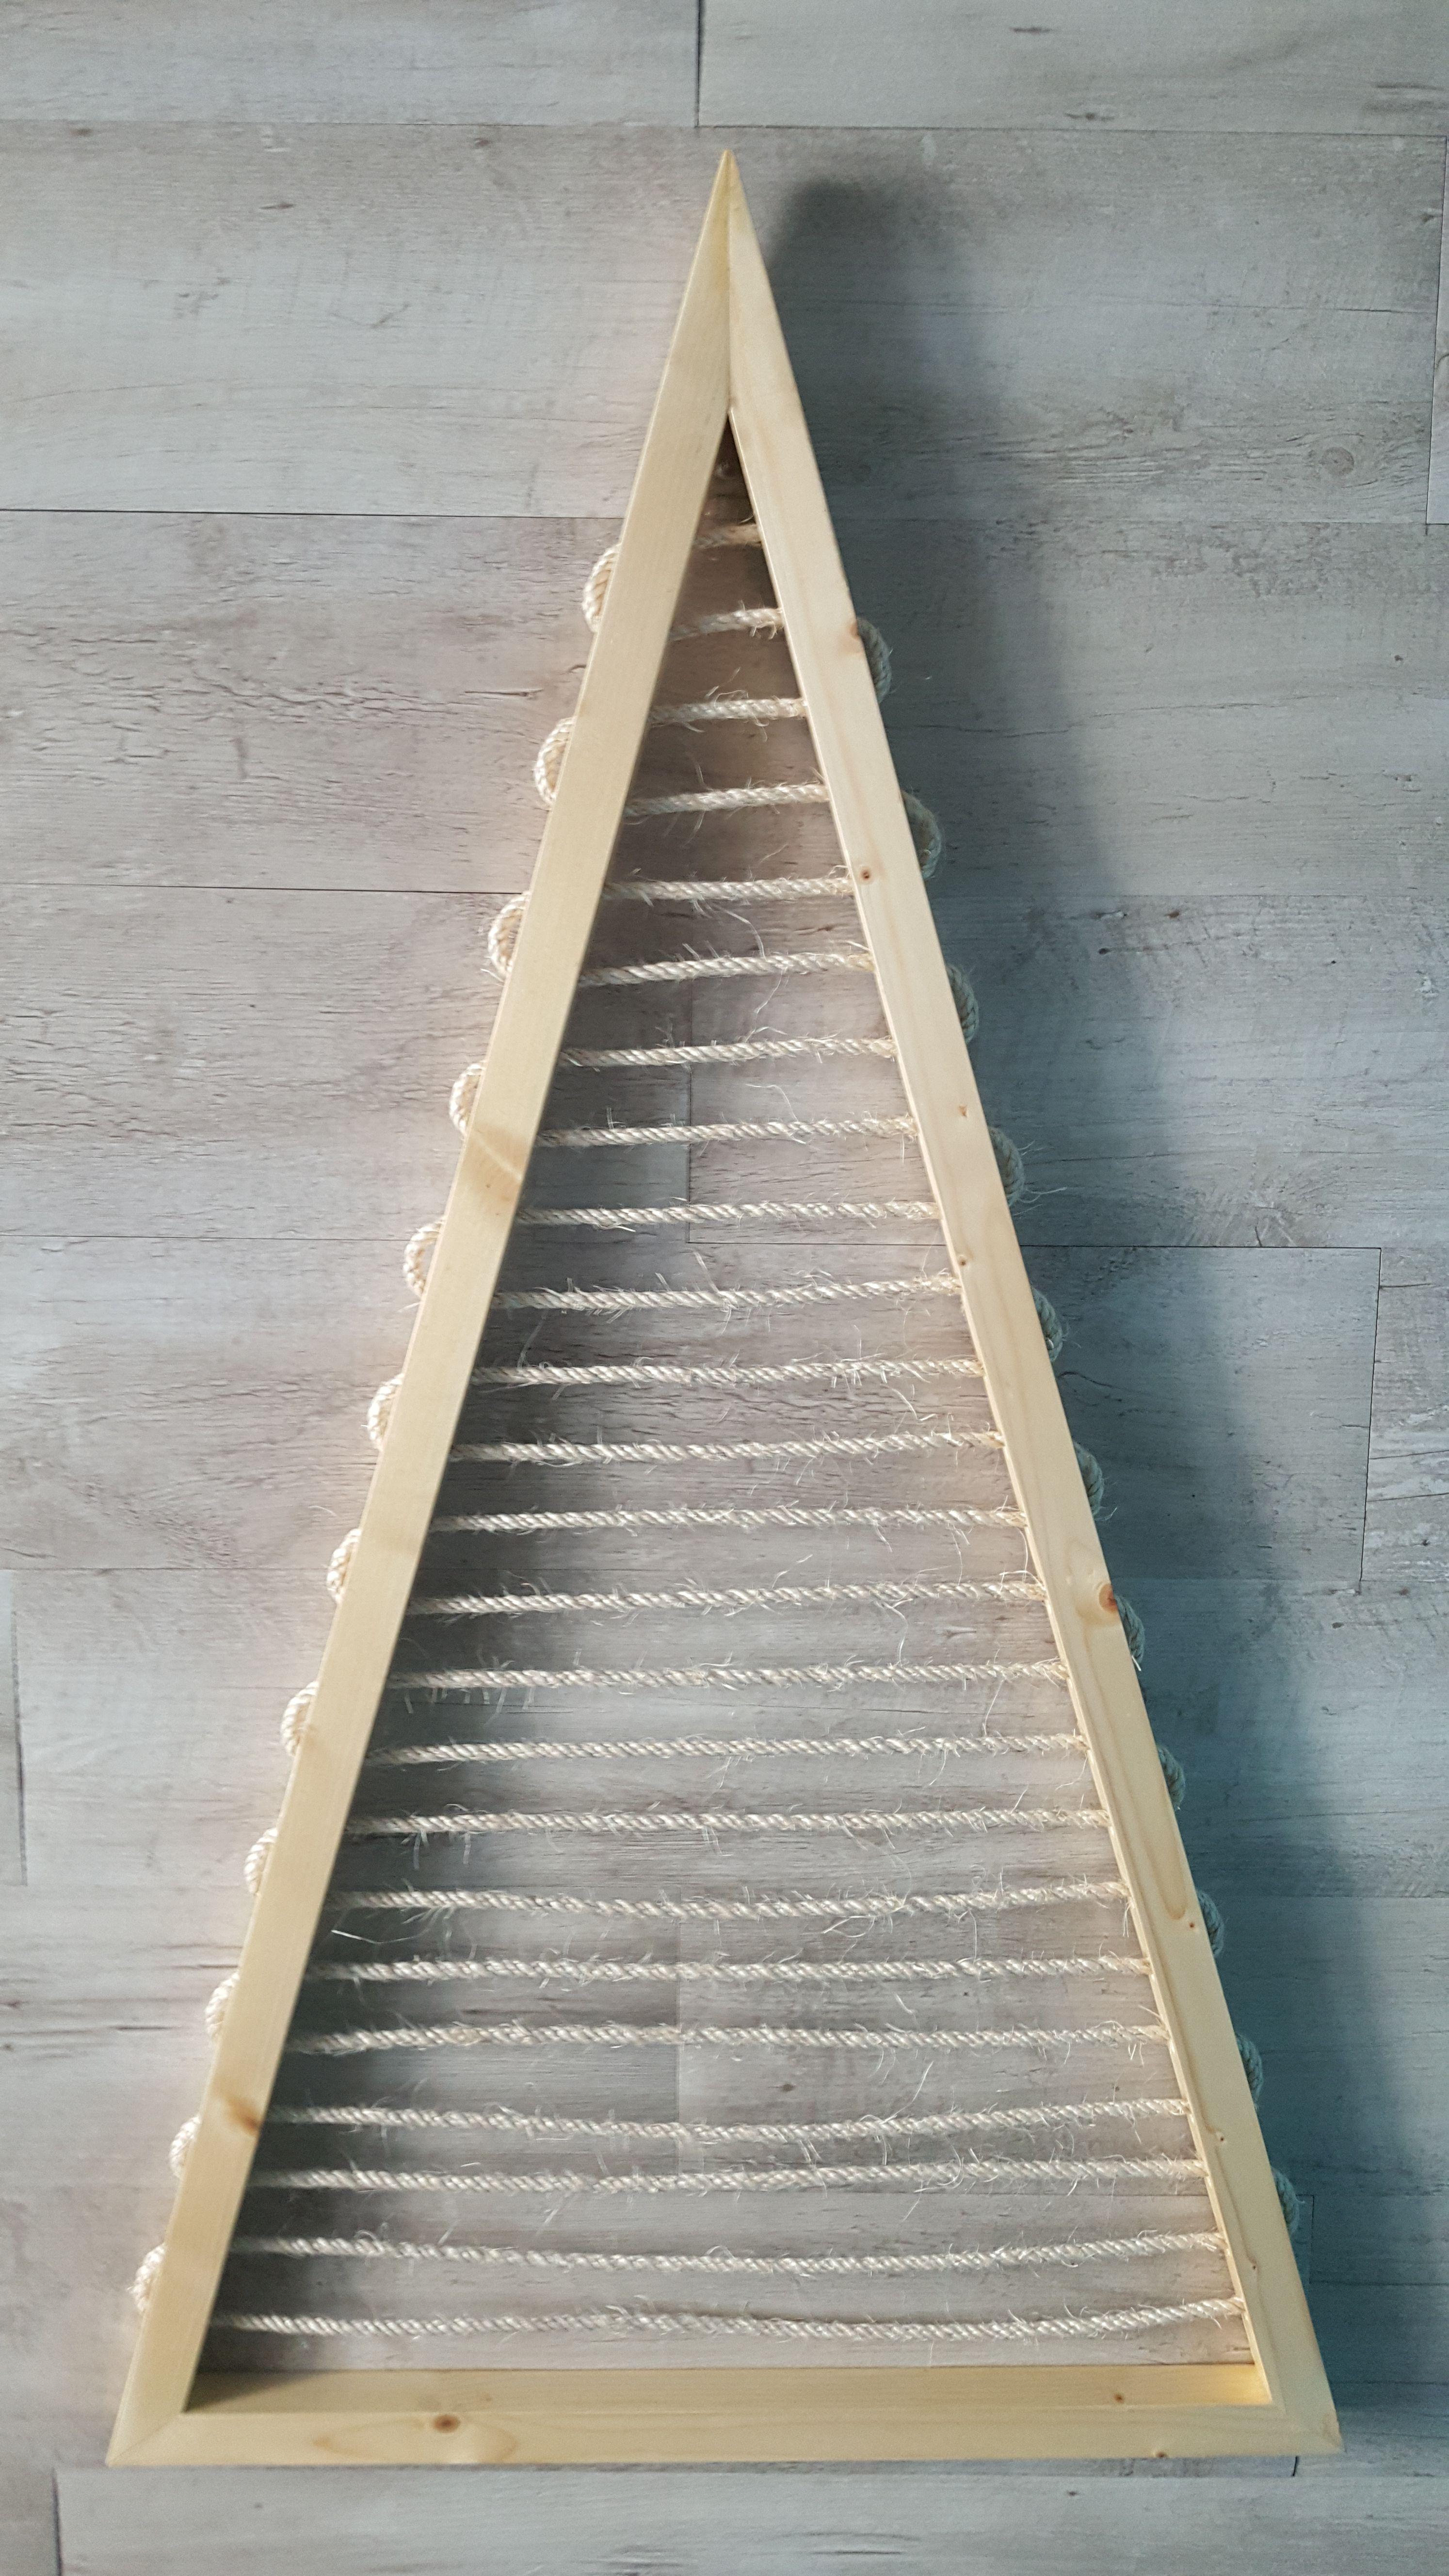 Marco barnizado fabricado con madera de abeto blanco y decorado con cuerda de sisal. Se puede utilizar para colgar una amplia variedad de objetos utilizando ganchos o pinzas. Por Decogaudim.com